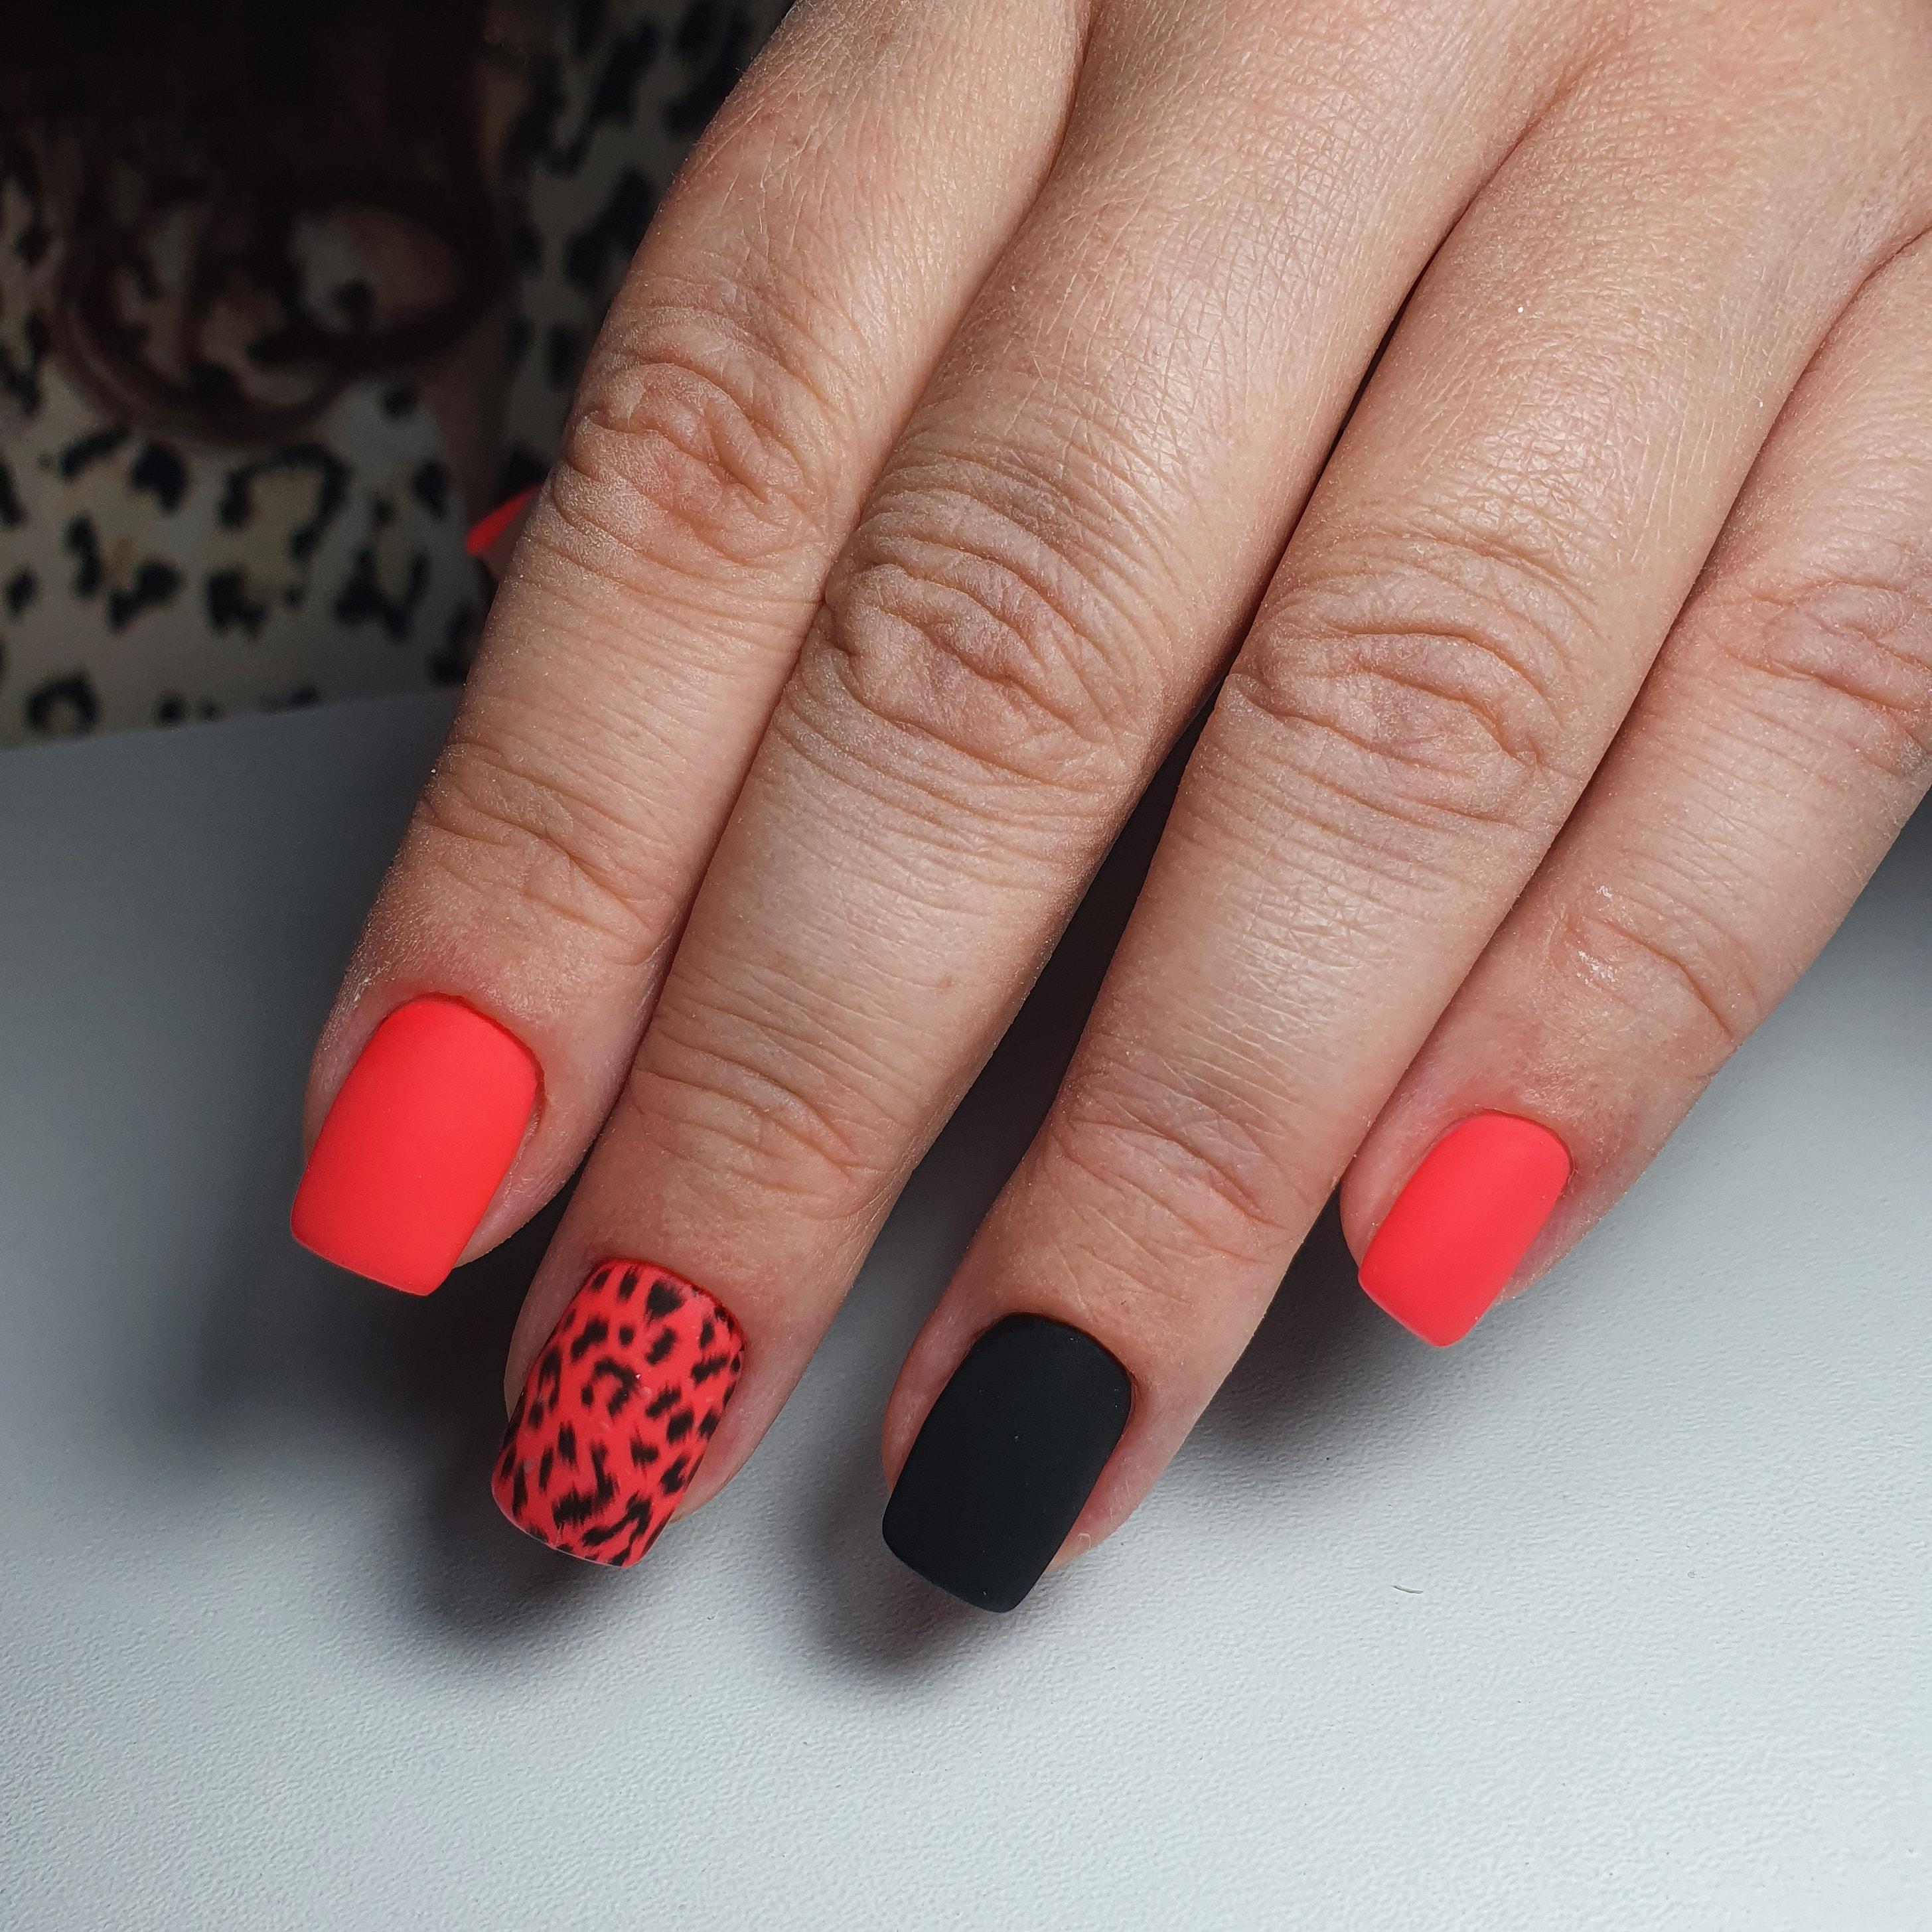 Матовый маникюр с леопардовым принтом в розовом цвете на короткие ногти.